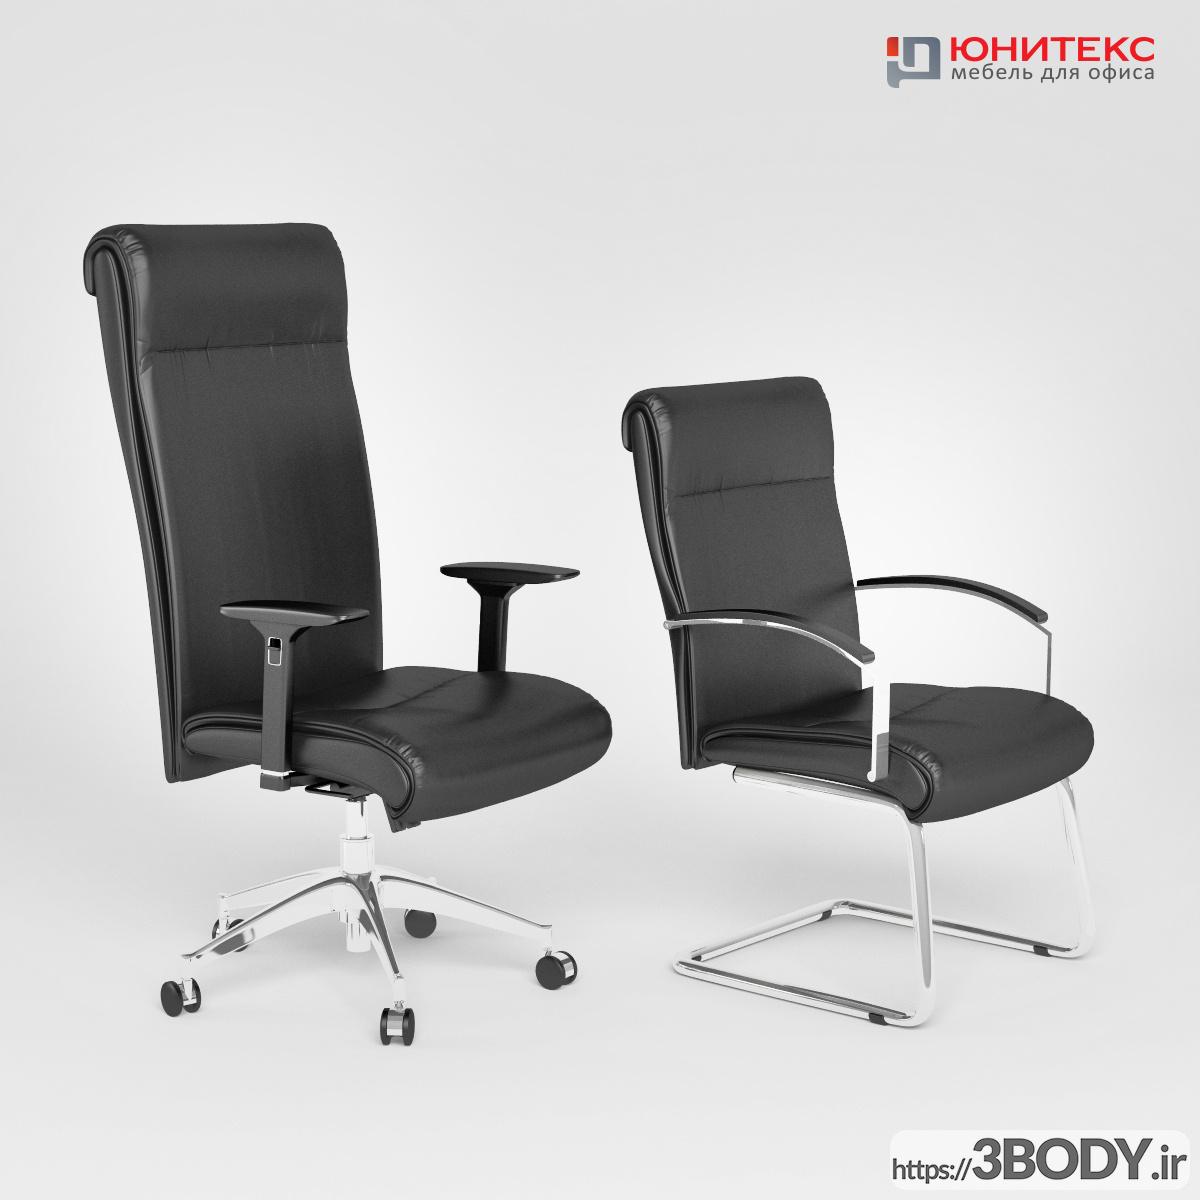 آبجکت سه بعدی میزو صندلی و کابینت اداری عکس 2